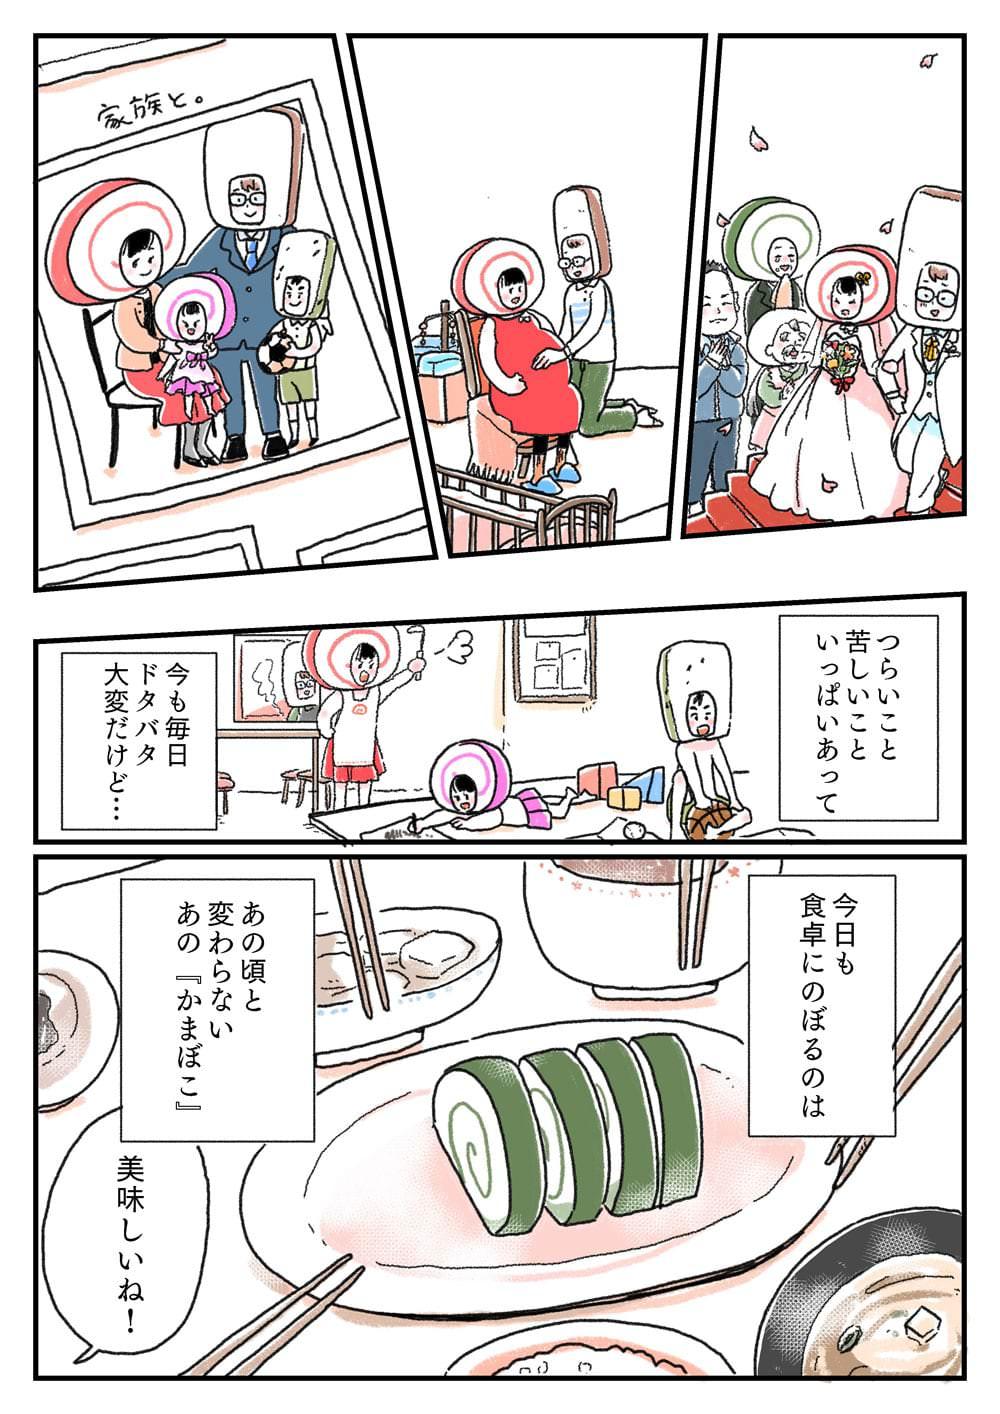 ウメカマンガ(巻) 0巻目 リニュって目指せ!国民的かまぼこマンガ&日曜18時枠!